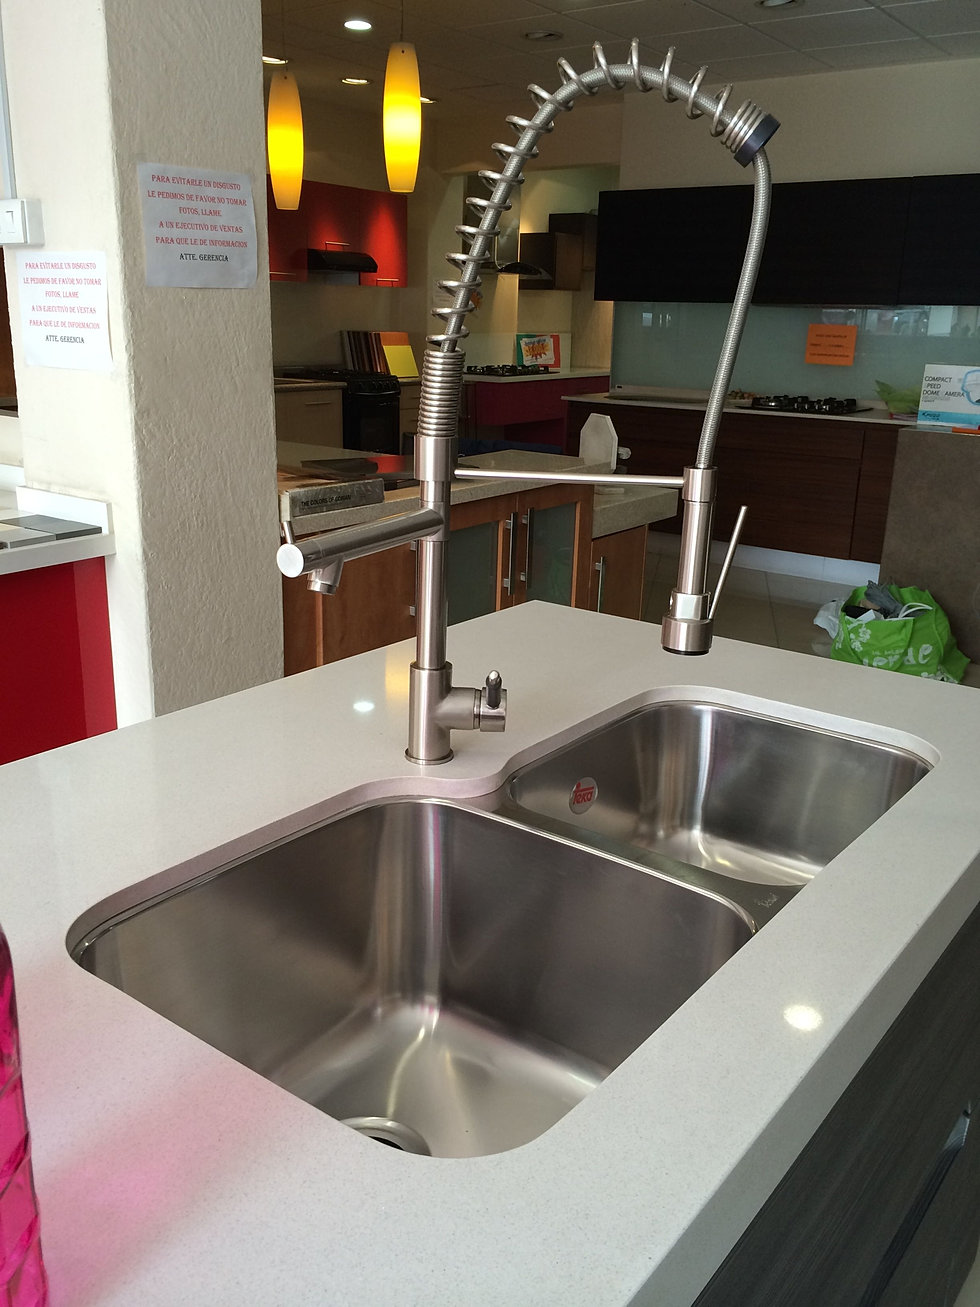 Cocinas elegant equipos y accesorios - Teka accesorios cocina ...